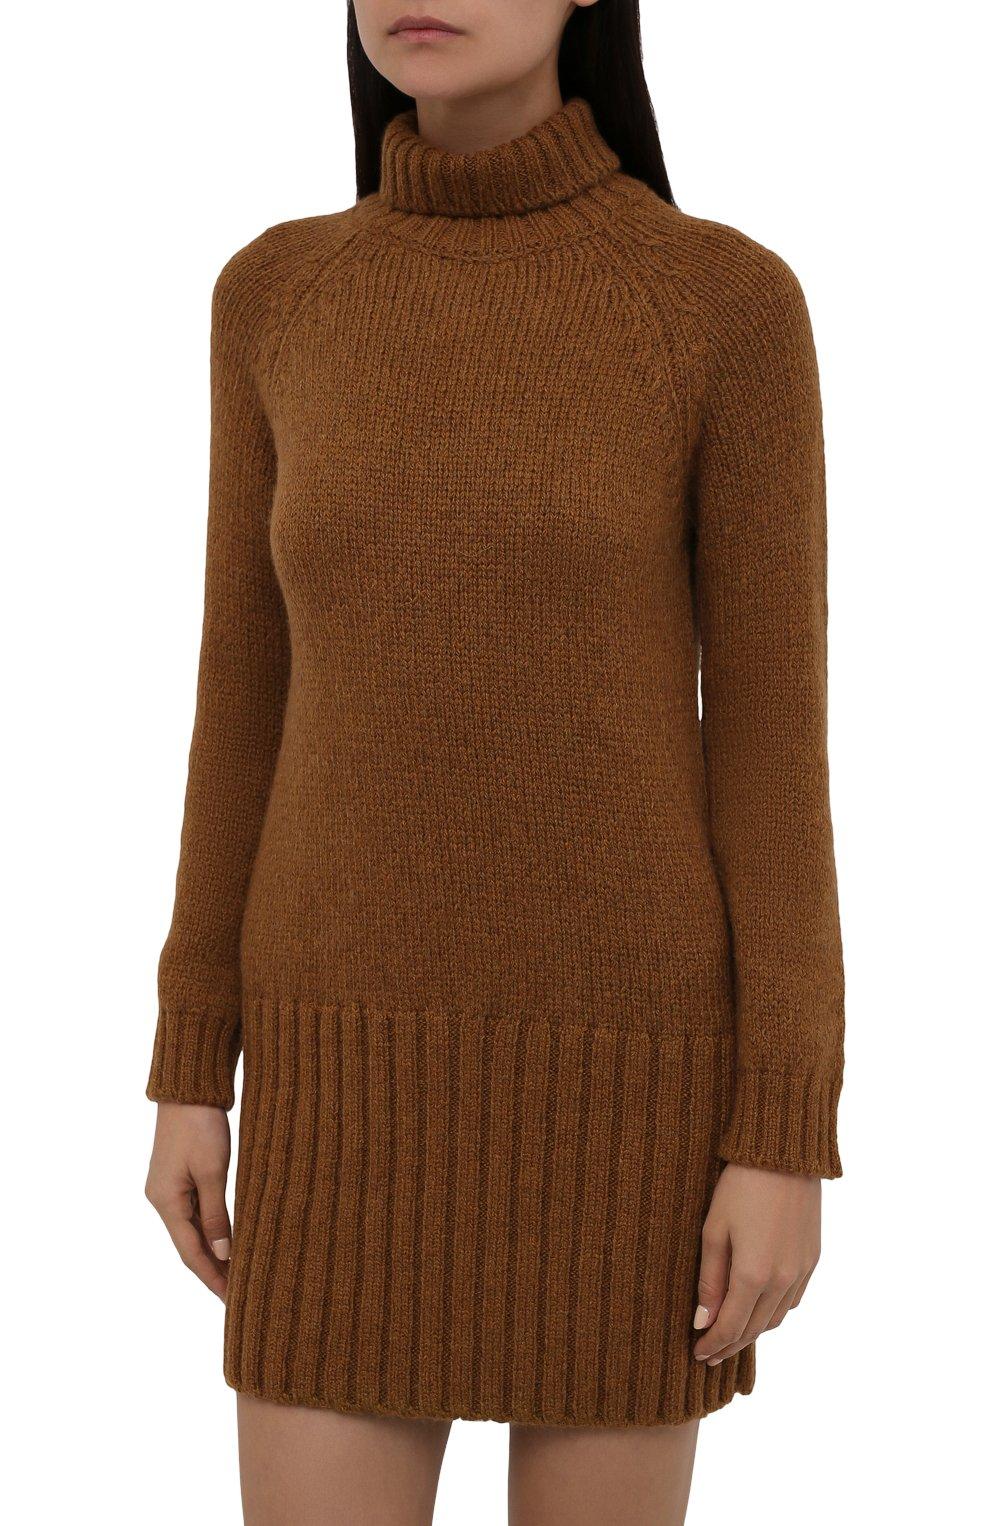 Женское шерстяное платье SAINT LAURENT коричневого цвета, арт. 669584/Y75BZ   Фото 3 (Материал внешний: Шерсть; Рукава: Длинные; Длина Ж (юбки, платья, шорты): Мини; Случай: Повседневный; Кросс-КТ: Трикотаж; Женское Кросс-КТ: Платье-одежда; Стили: Кэжуэл)